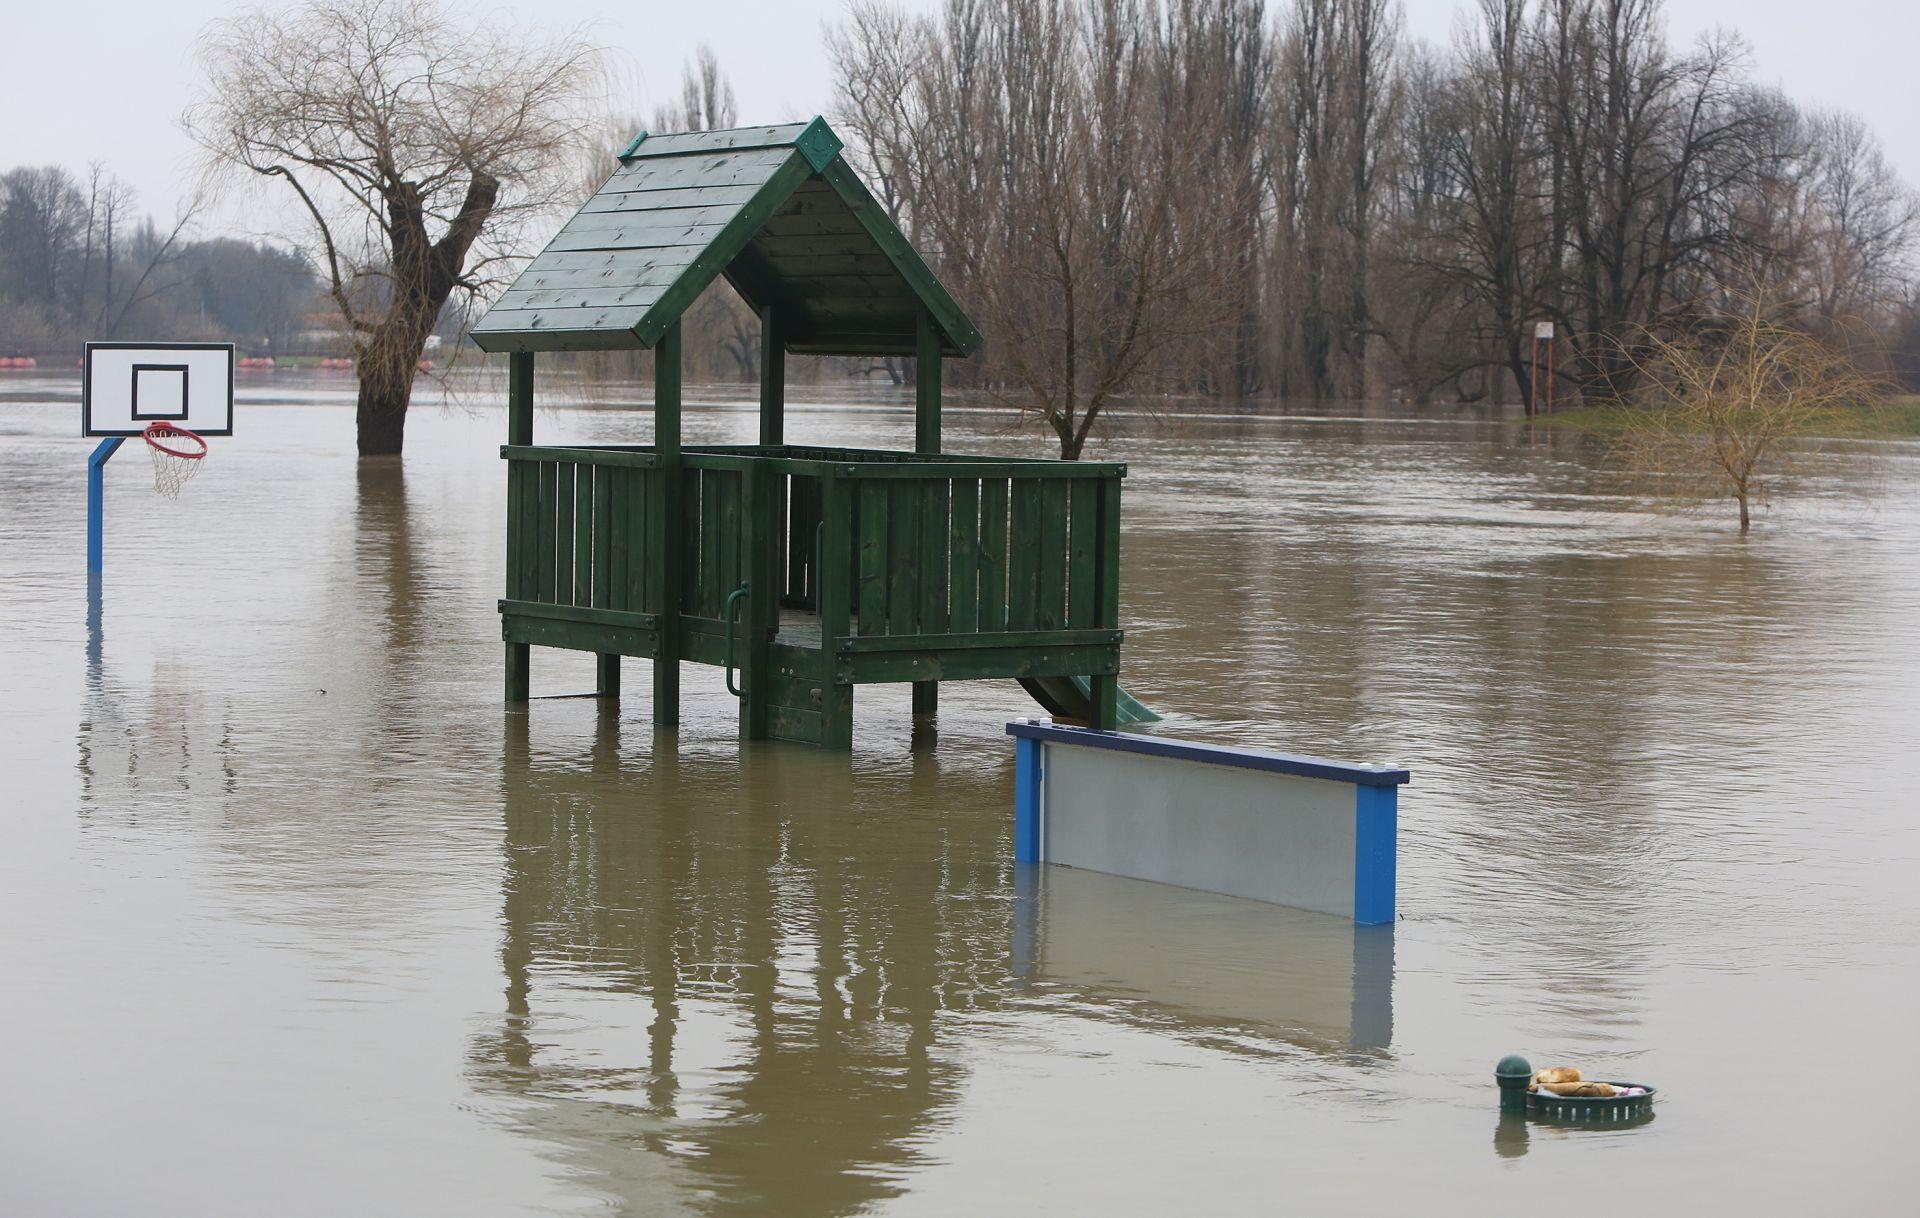 OBILNE KIŠE: Poplave na našičkom području, ugrožene kuće, usjevi i prometnice